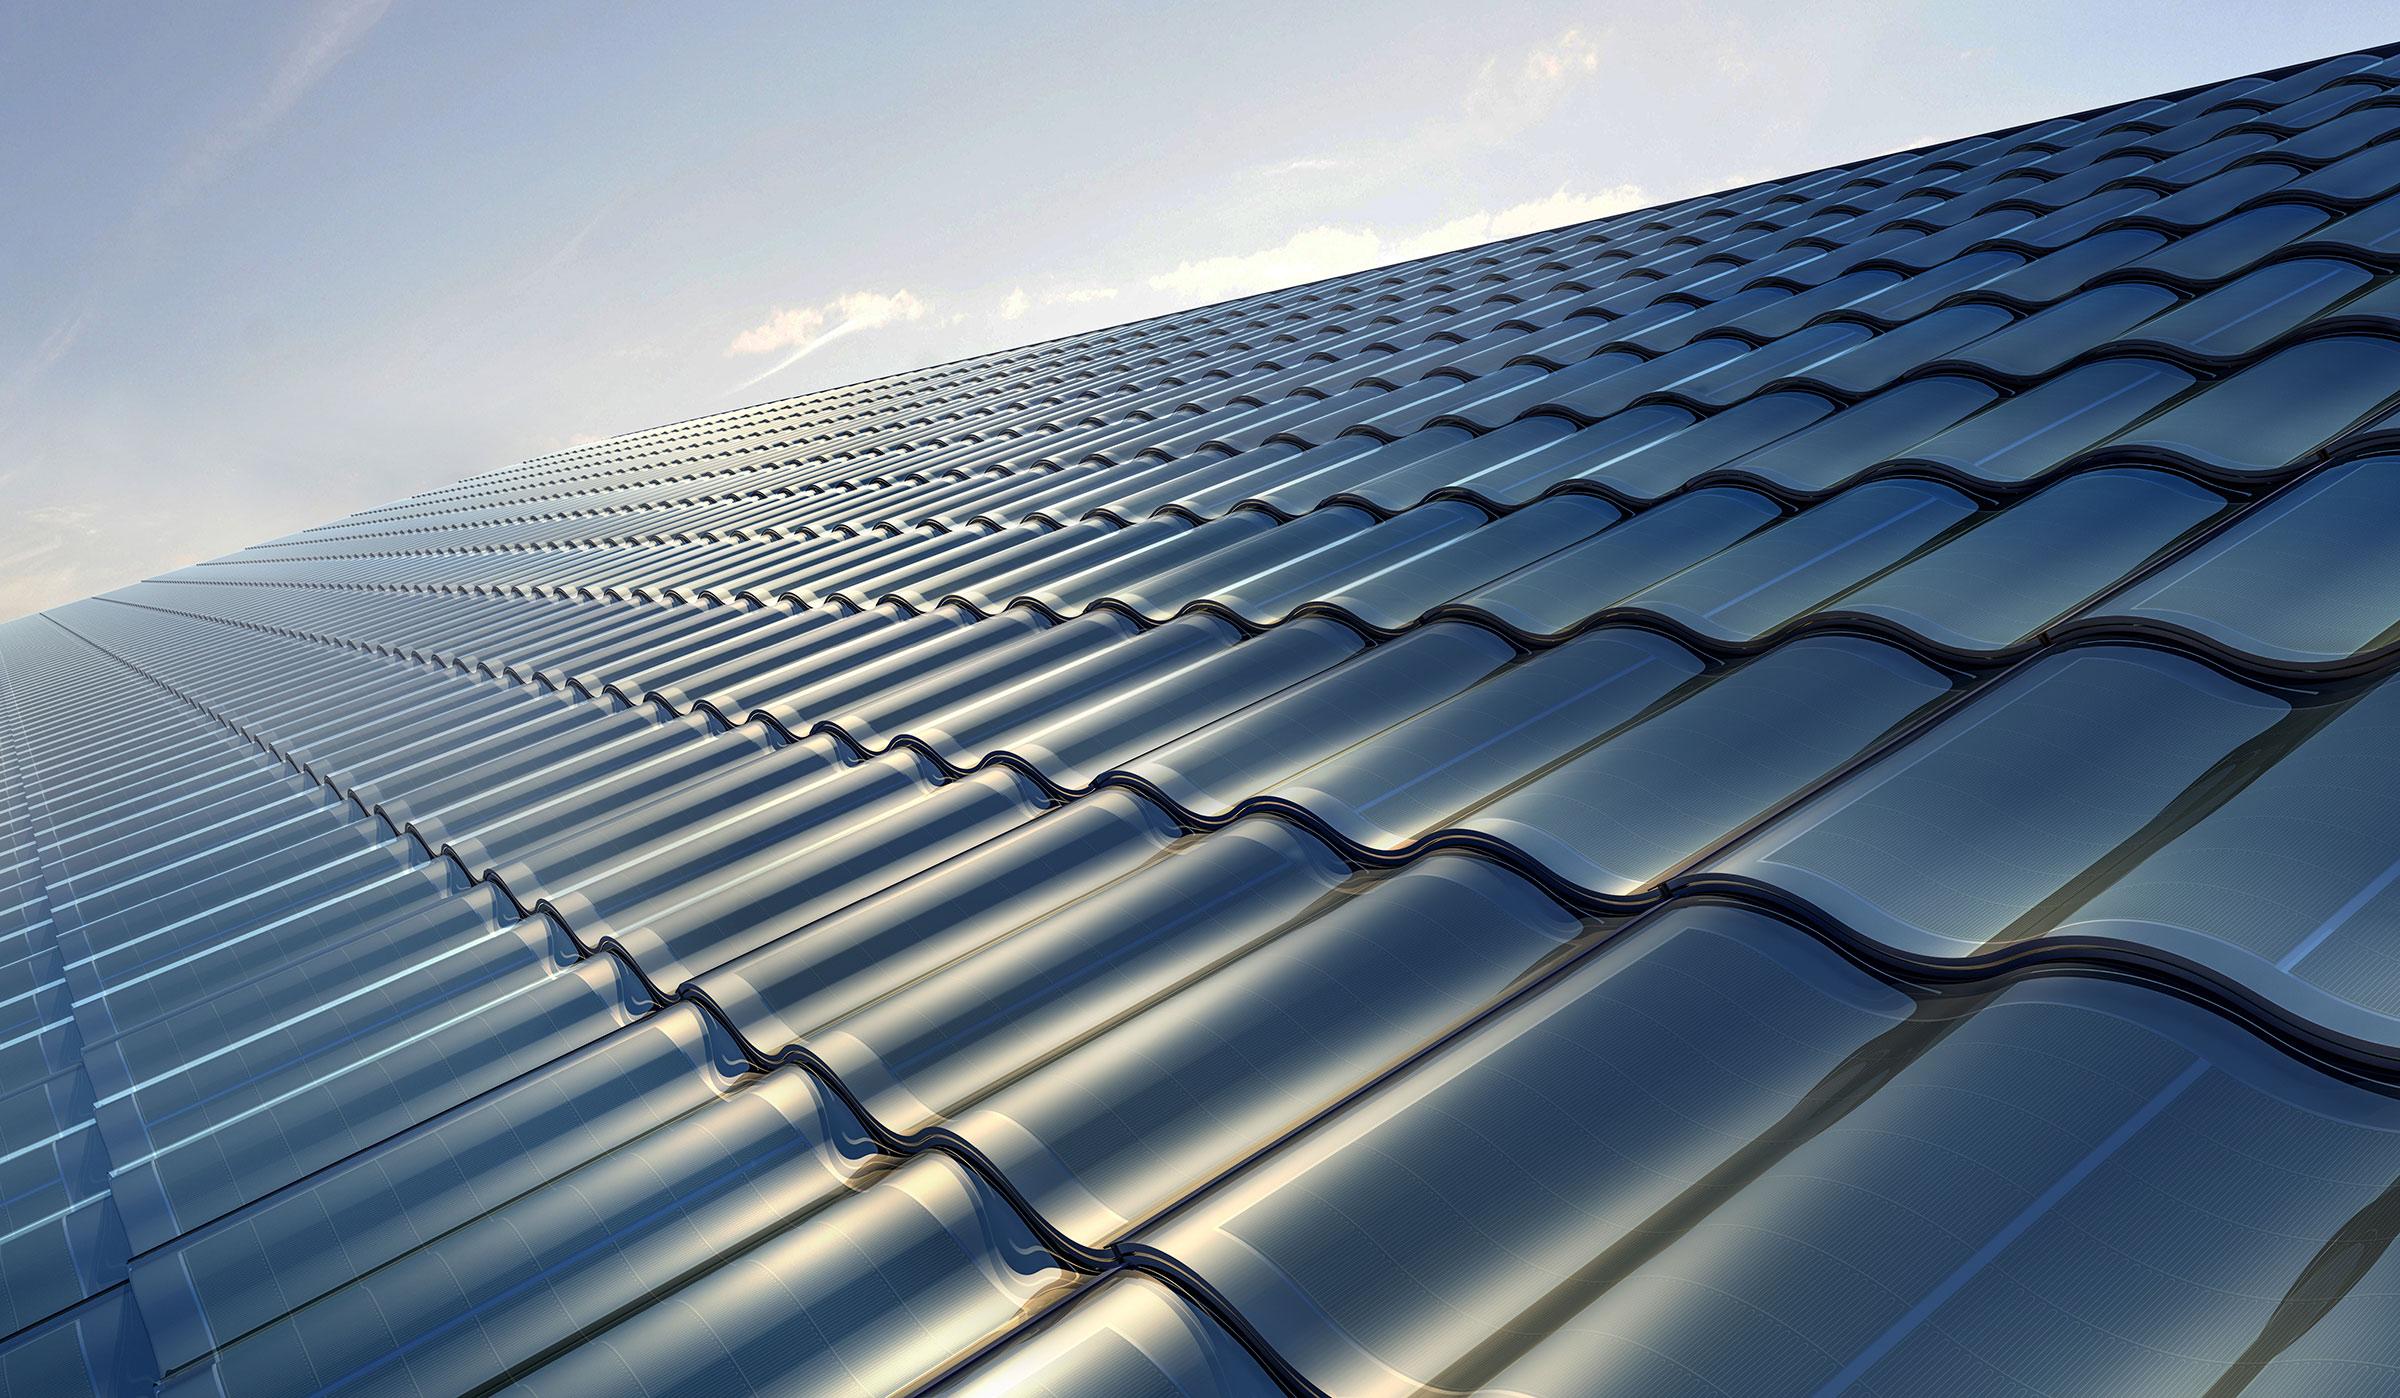 Hantile Solar Roof Tiles